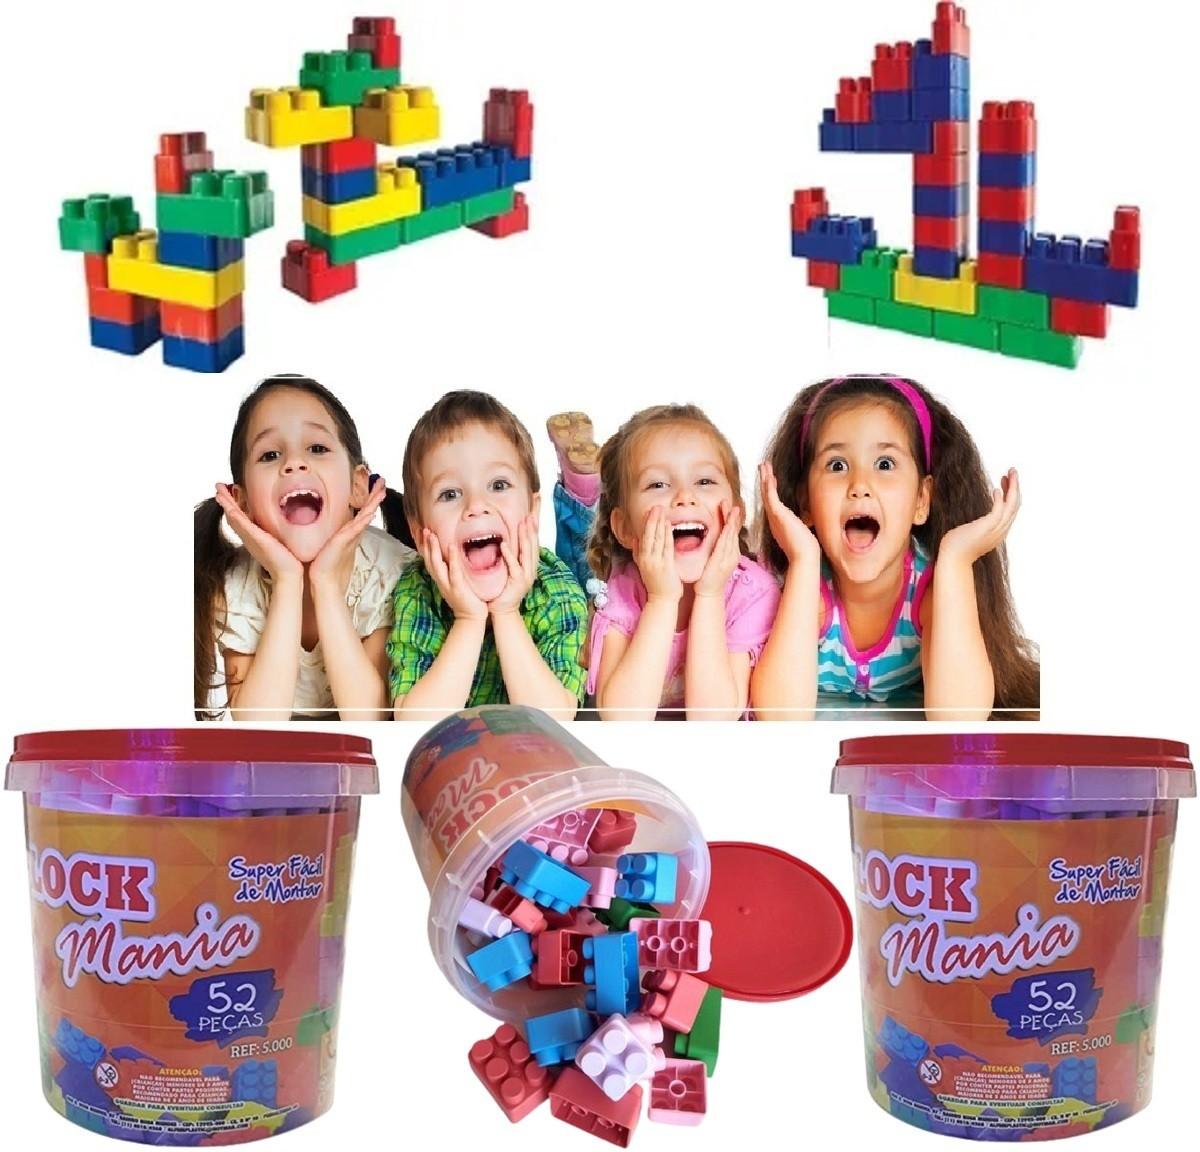 3 Blocos De Montar Infantil Brinquedo Educativo 52 Peças Lego  - Rea Comércio - Sua Loja Completa!